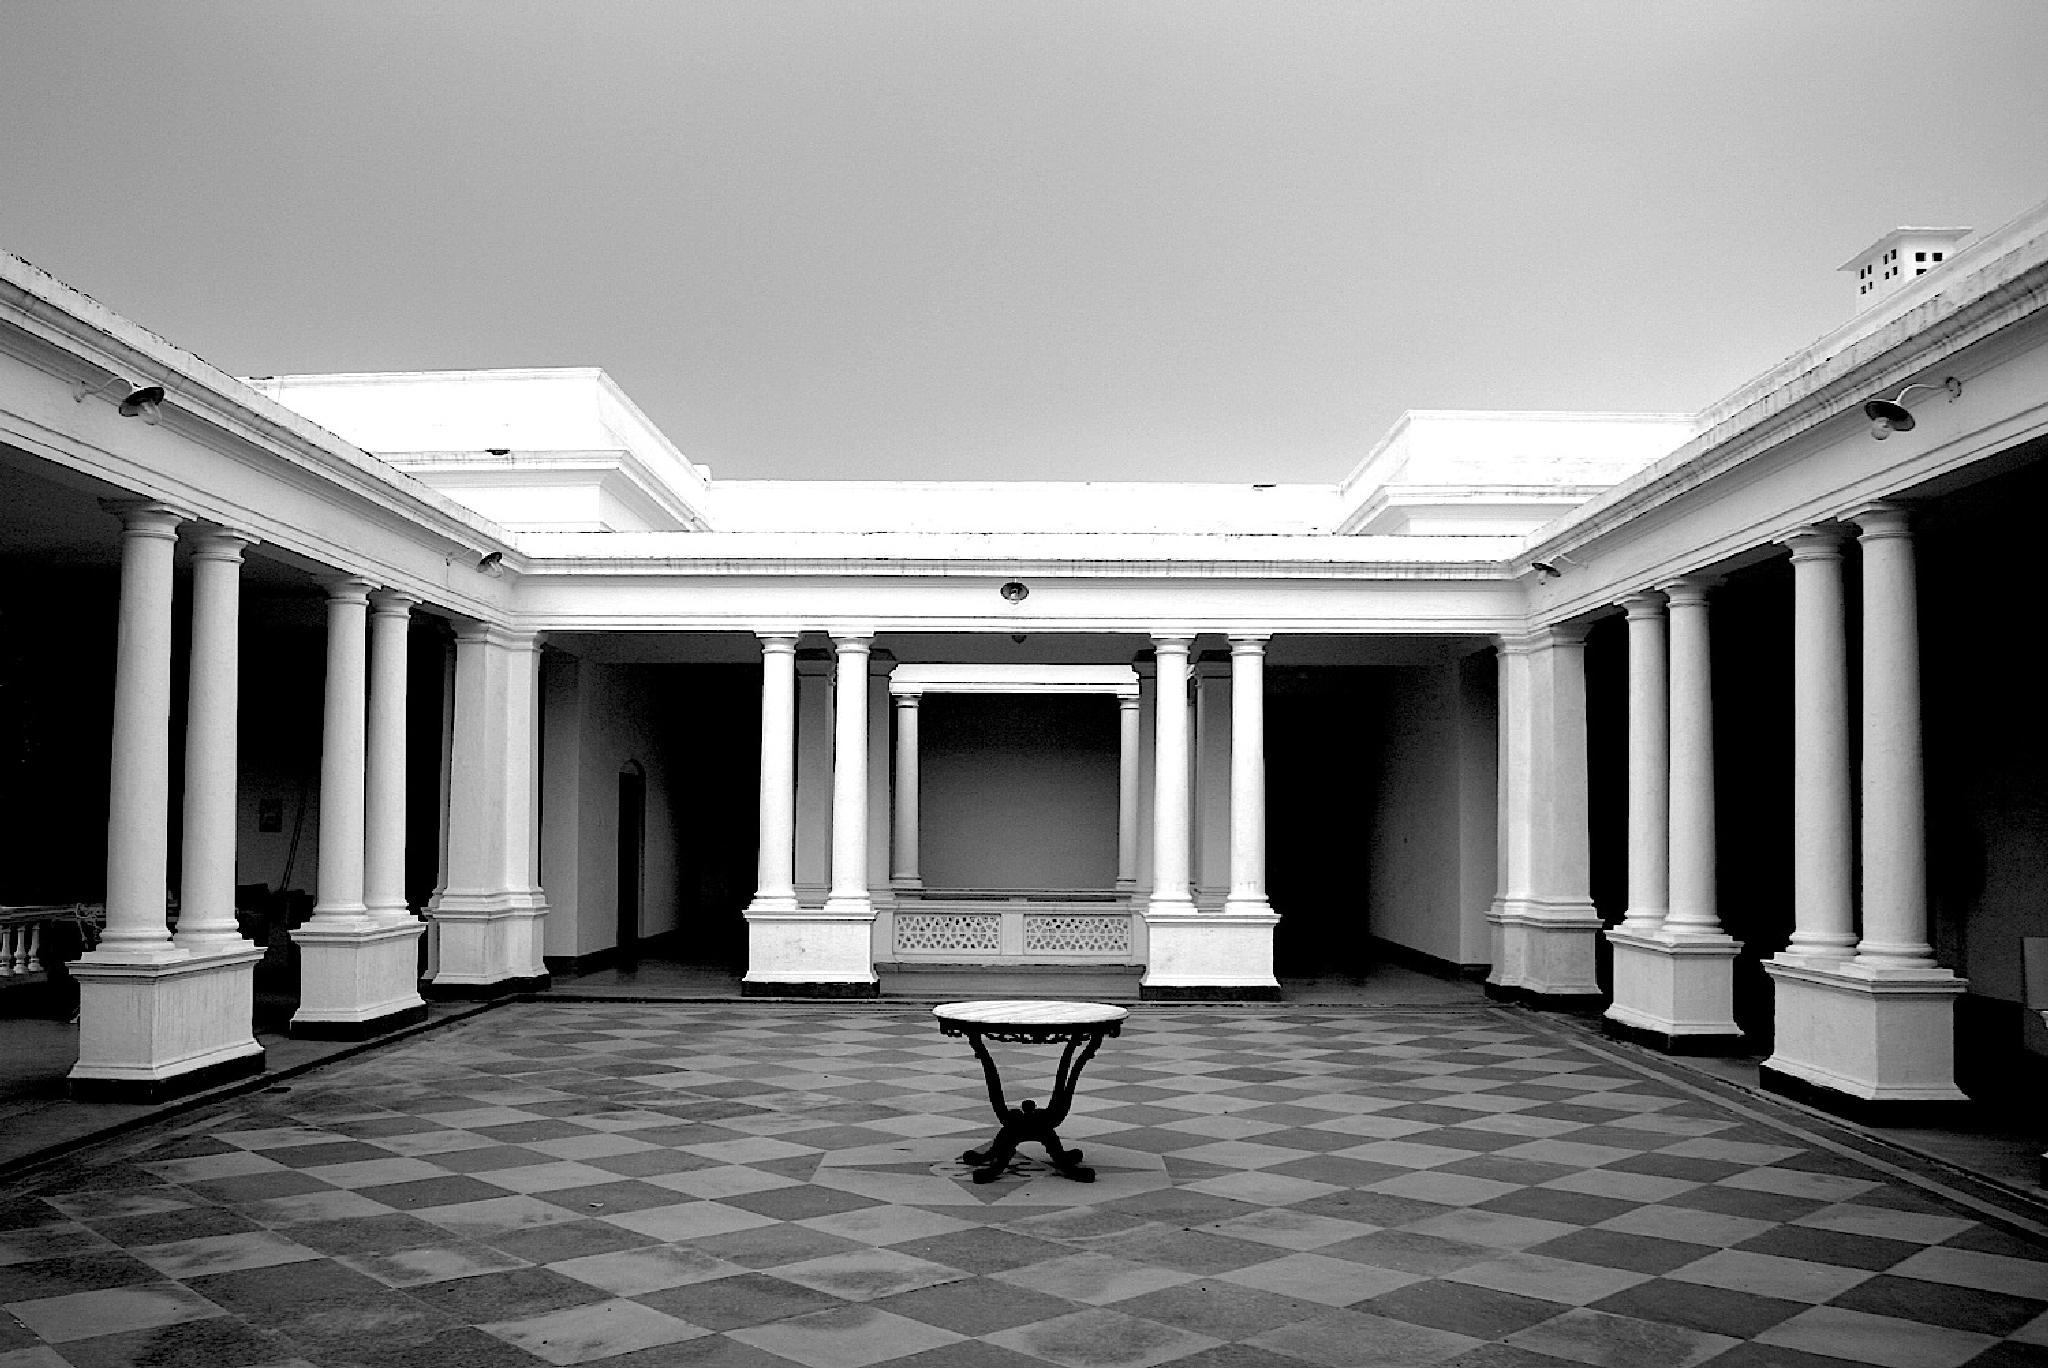 The Centre Table by Aniruddha Guha Sarkar